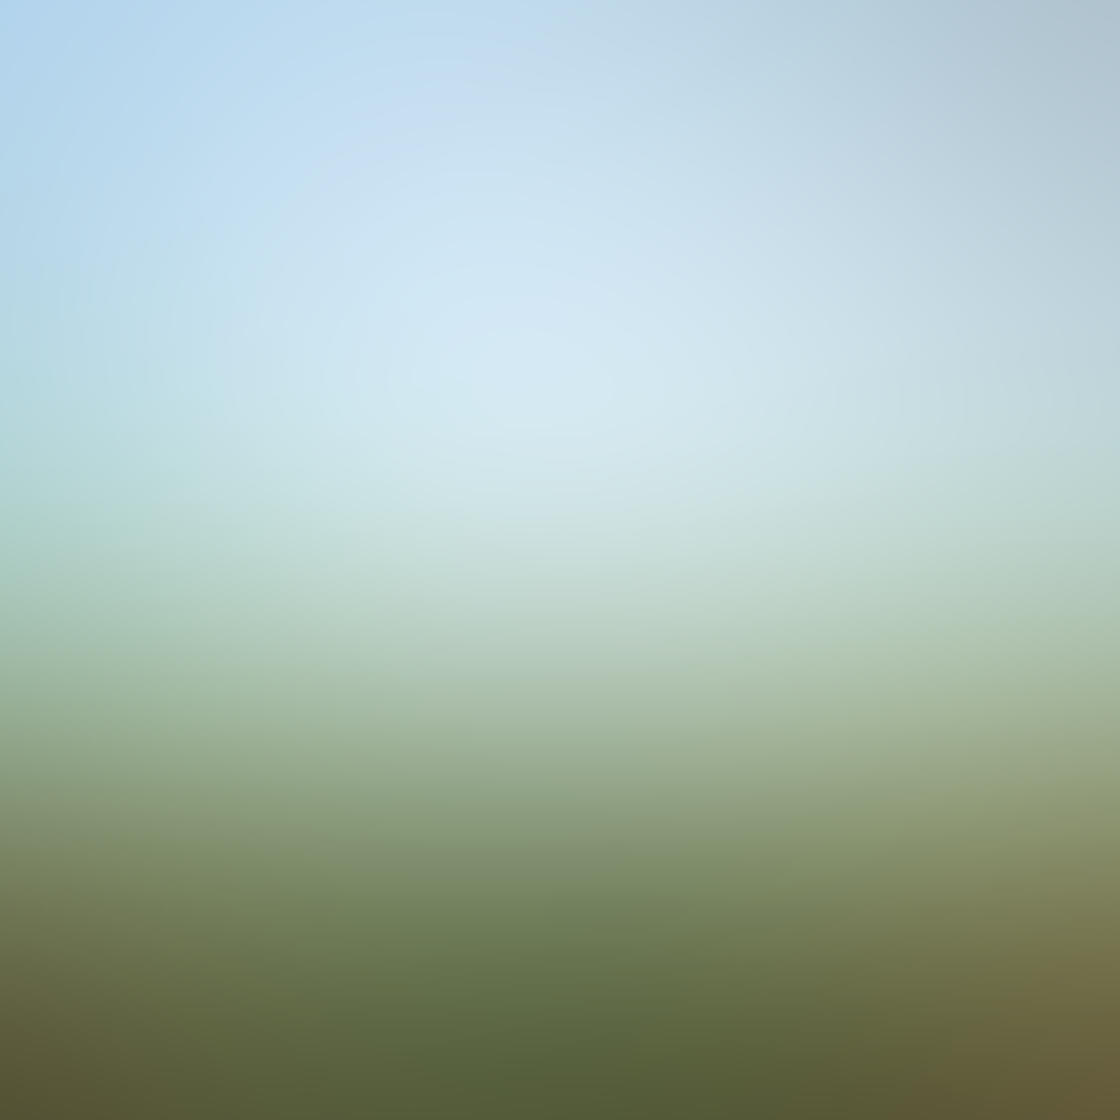 Fog & Mist iPhone Photos 8